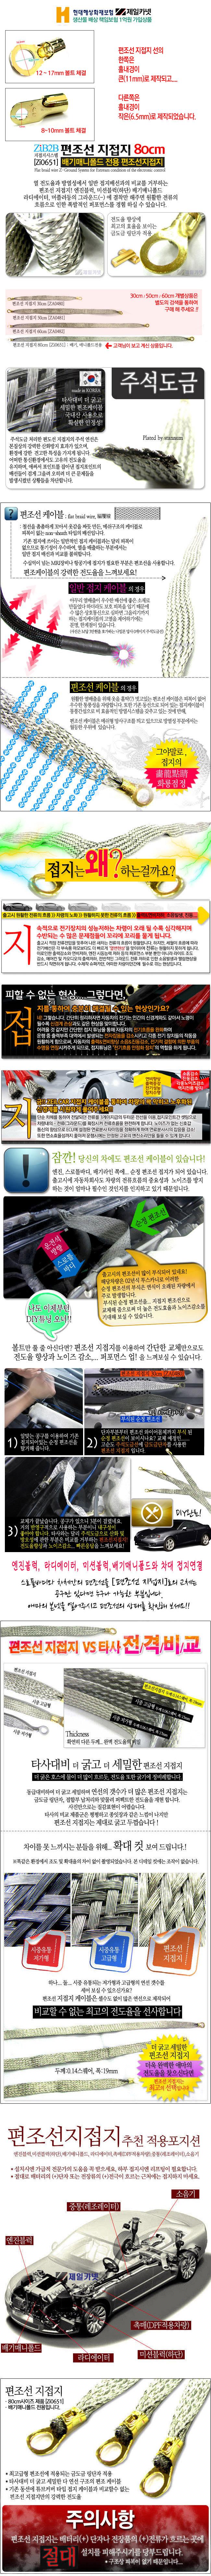 [ZiB2B] 편조선 지접지- 80cm (배기매니폴드 전용) [ZA0651]